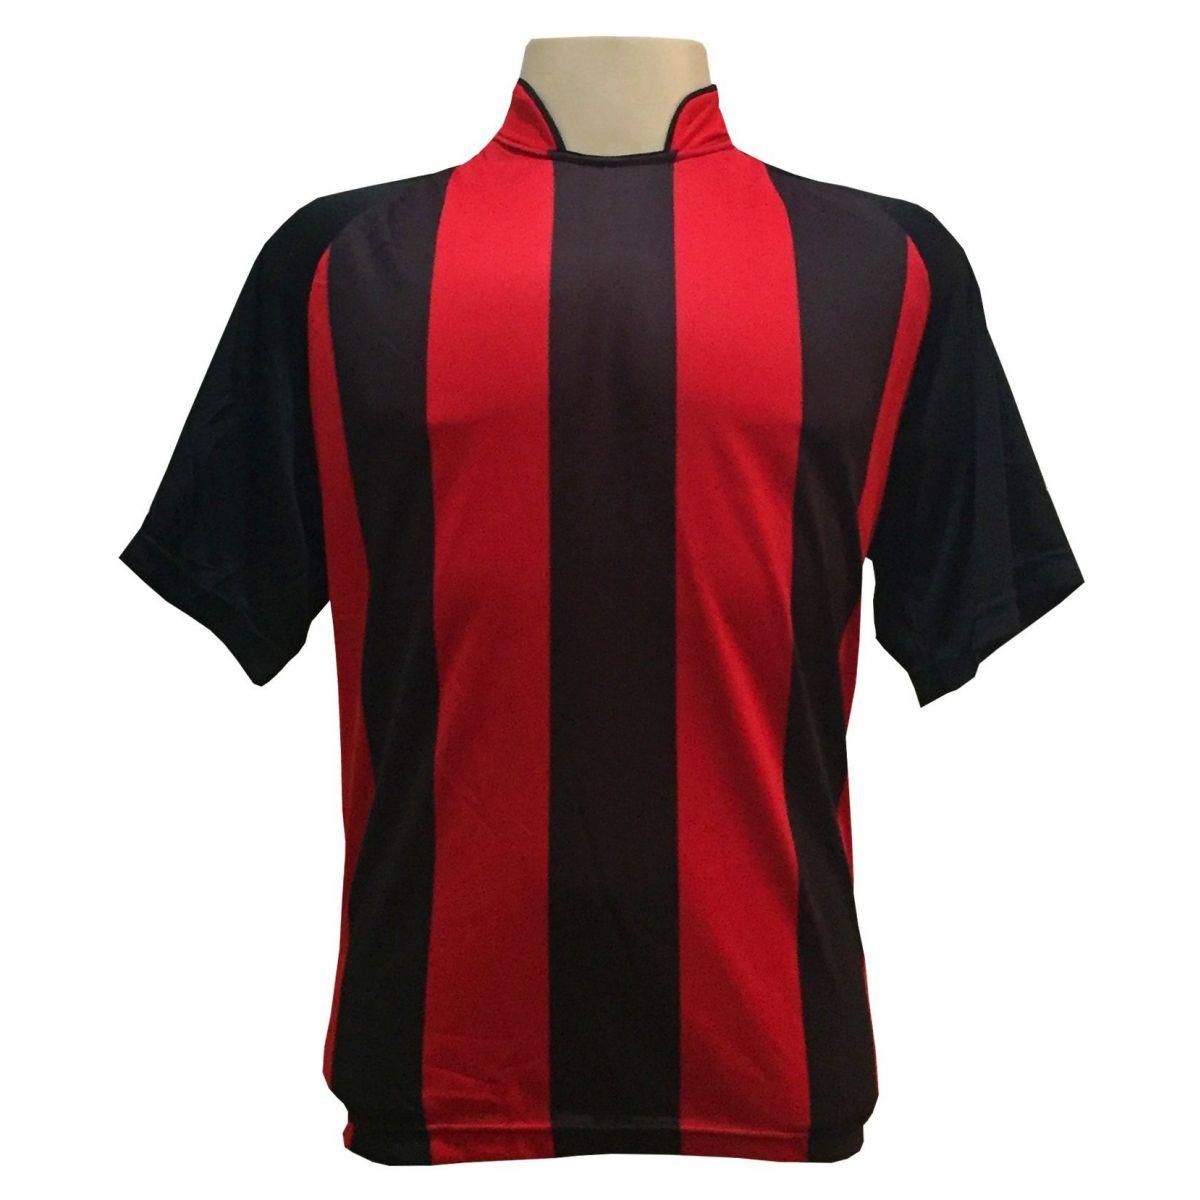 Uniforme Esportivo com 12 Camisas modelo Milan Preto/Vermelho + 12 Calções modelo Copa Preto/Vermelho + 12 Pares de meiões Vermelho